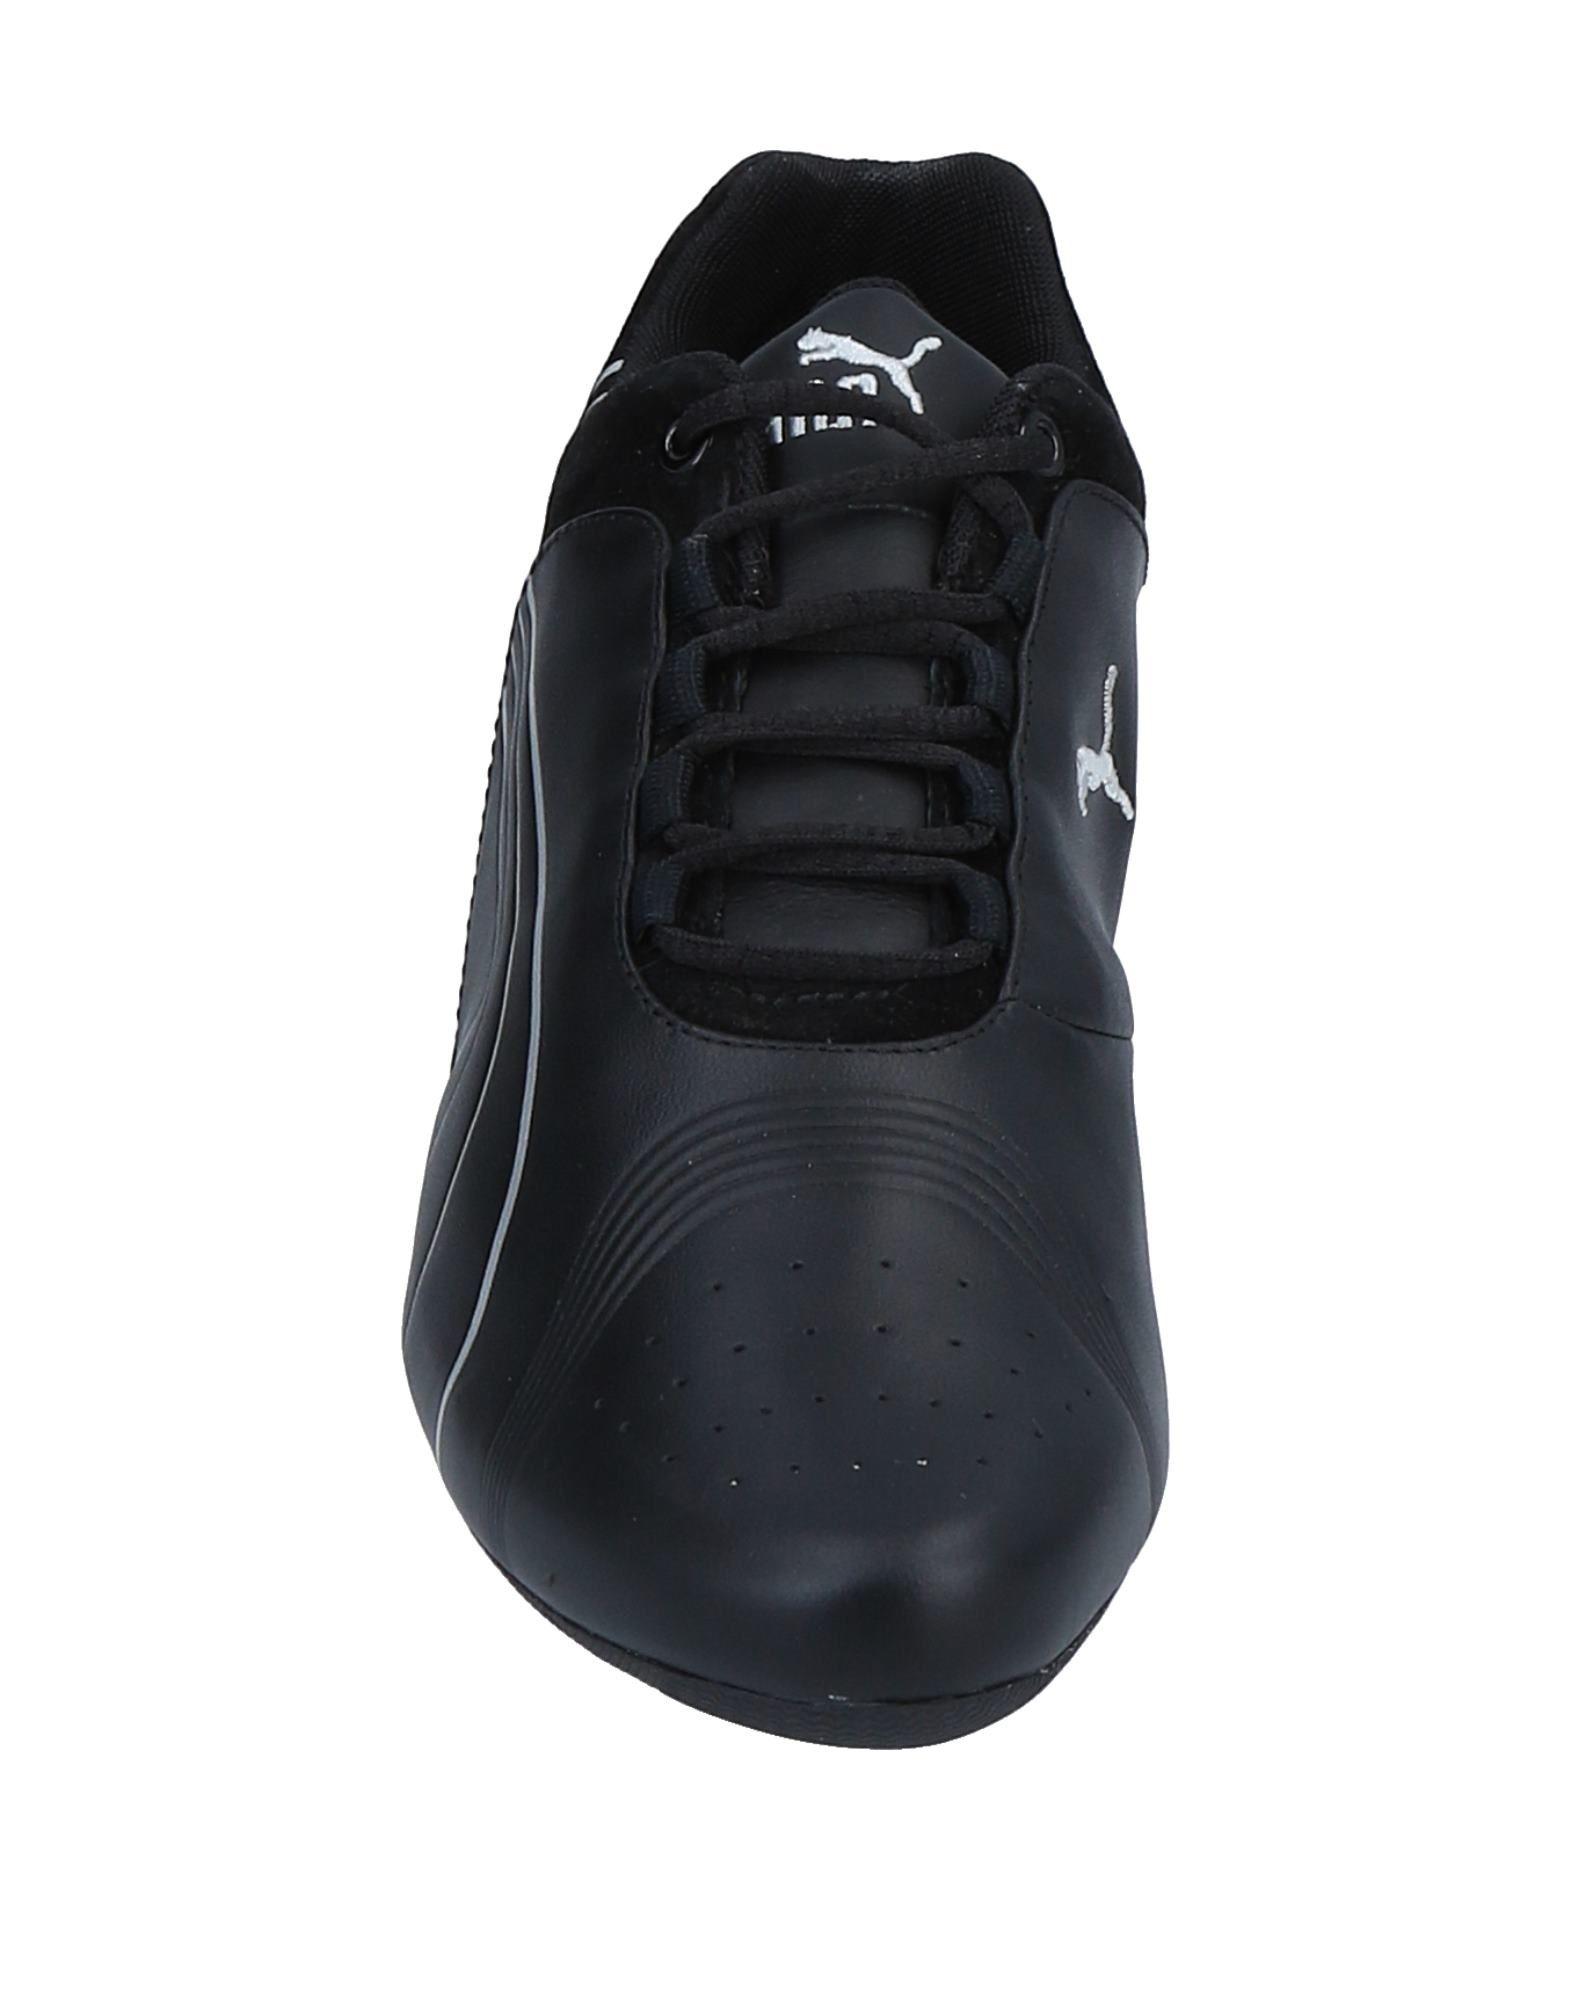 Puma Puma Puma Sneakers Herren Gutes Preis-Leistungs-Verhältnis, es lohnt sich f73988